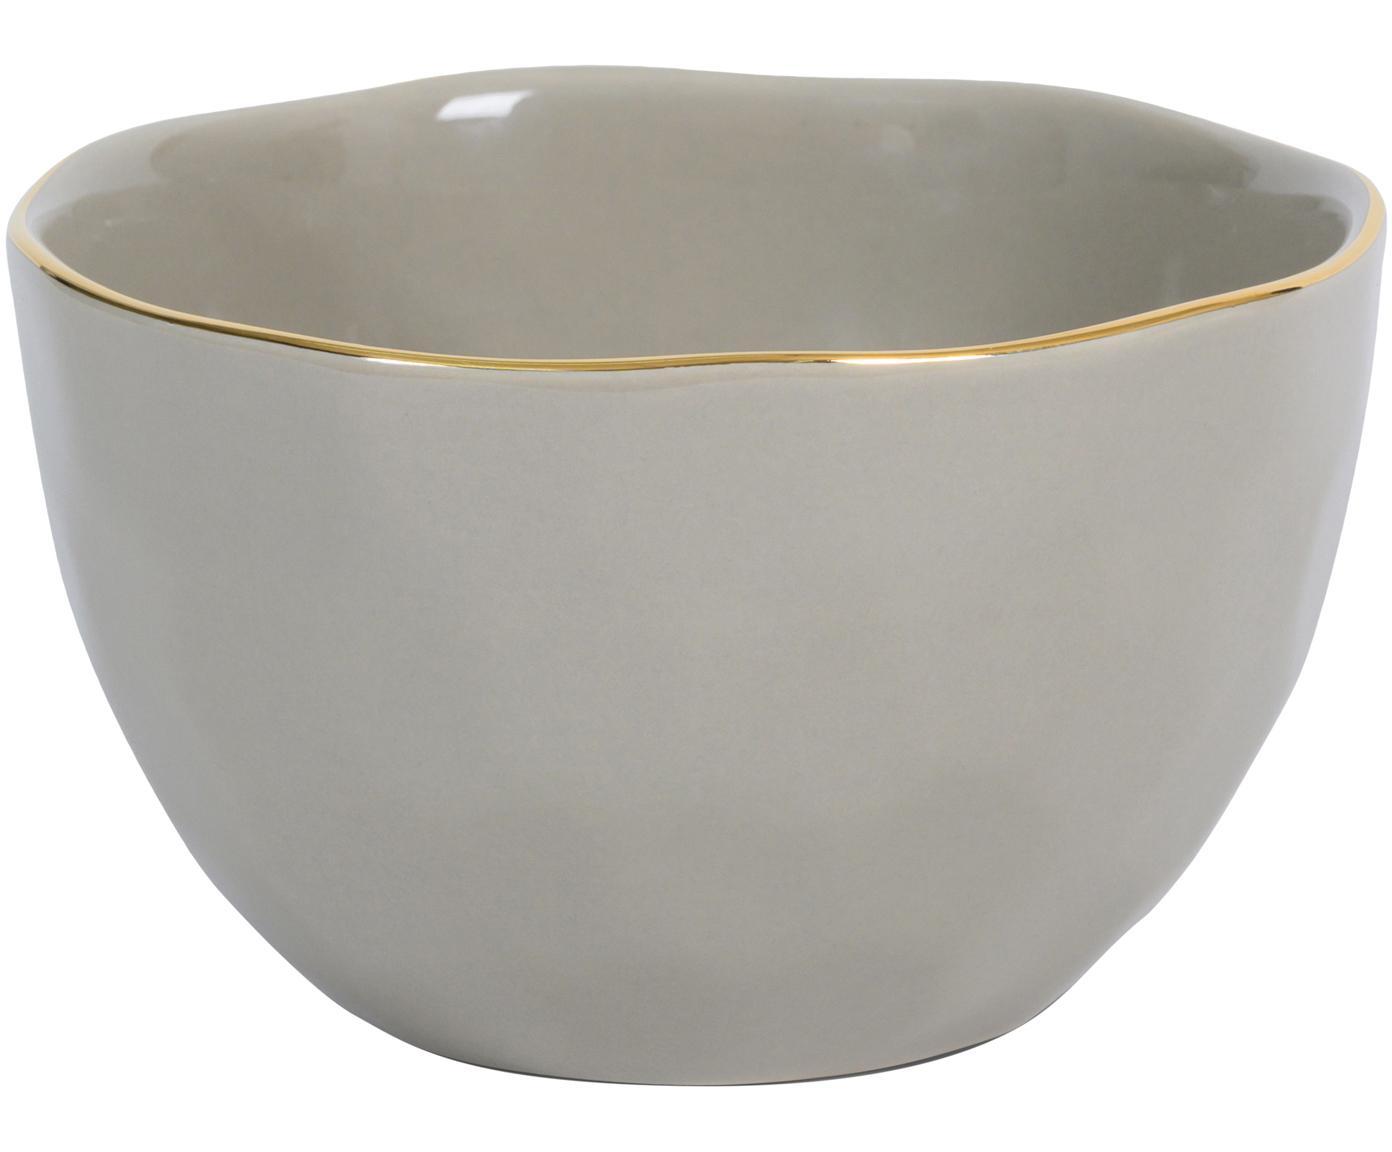 Schälchen Good Morning in Grau mit Goldrand, Porzellan, Grau, Goldfarben, Ø 14 cm